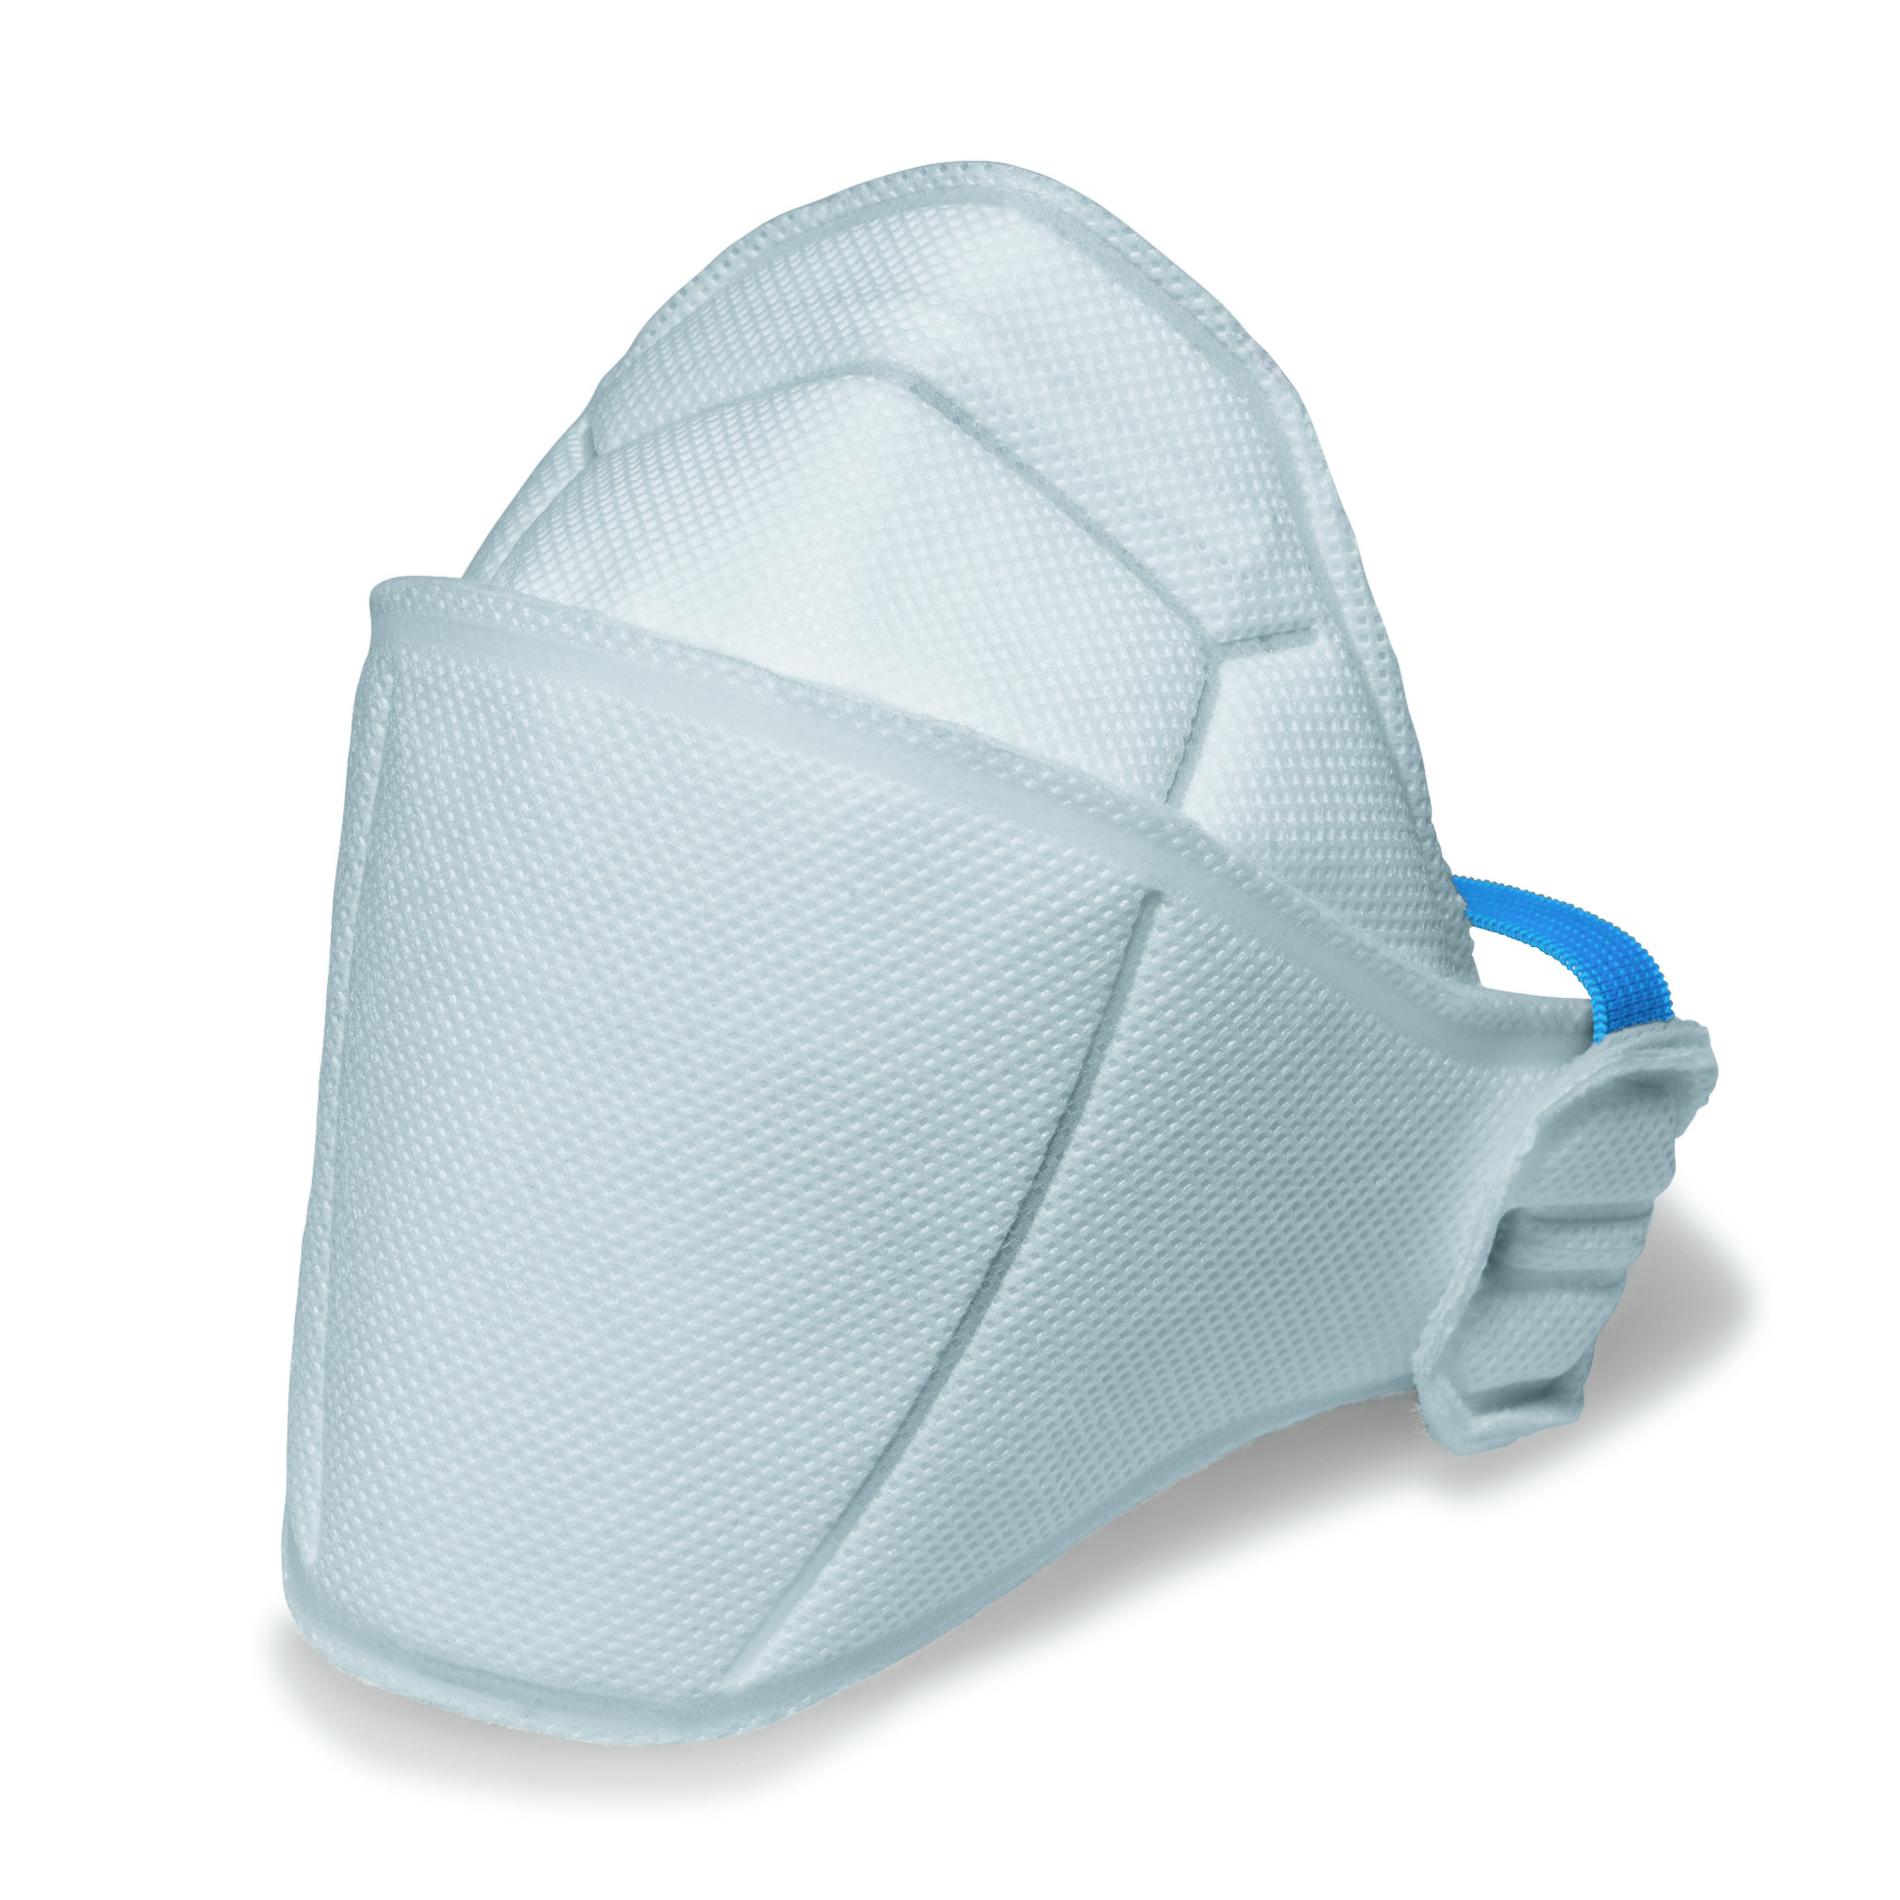 Atemschutzmasken | FFP3 Masken von uvex